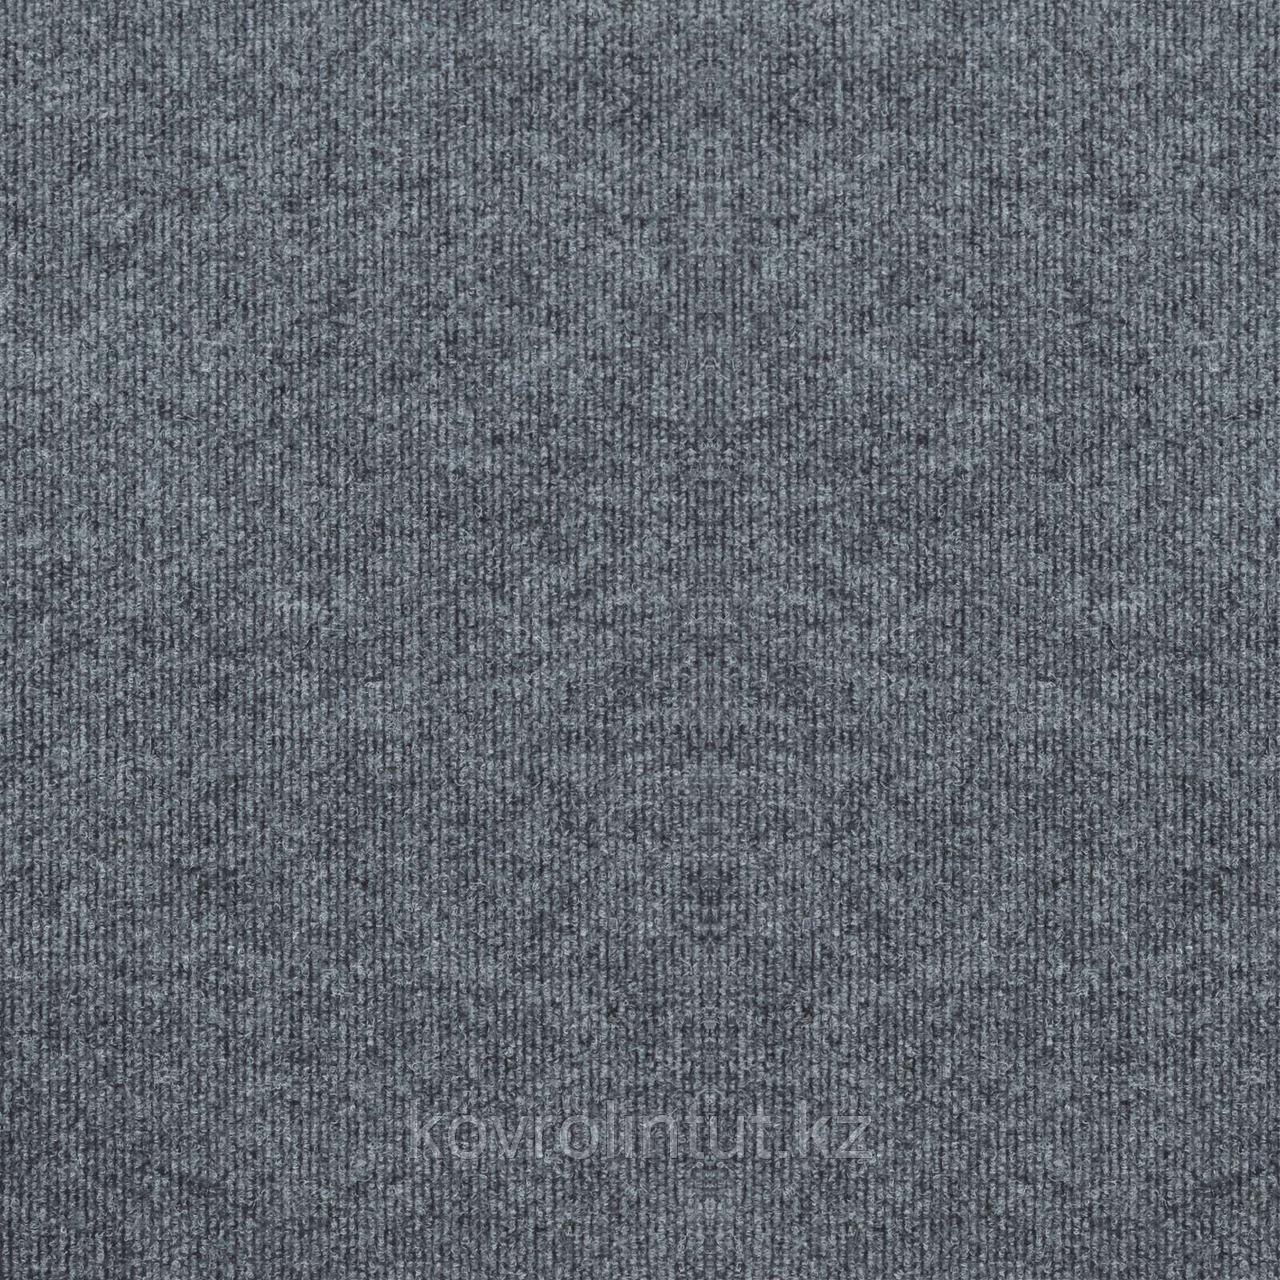 Ковровое покрытие Sintelon GLOBAL 33411 серый 4 м